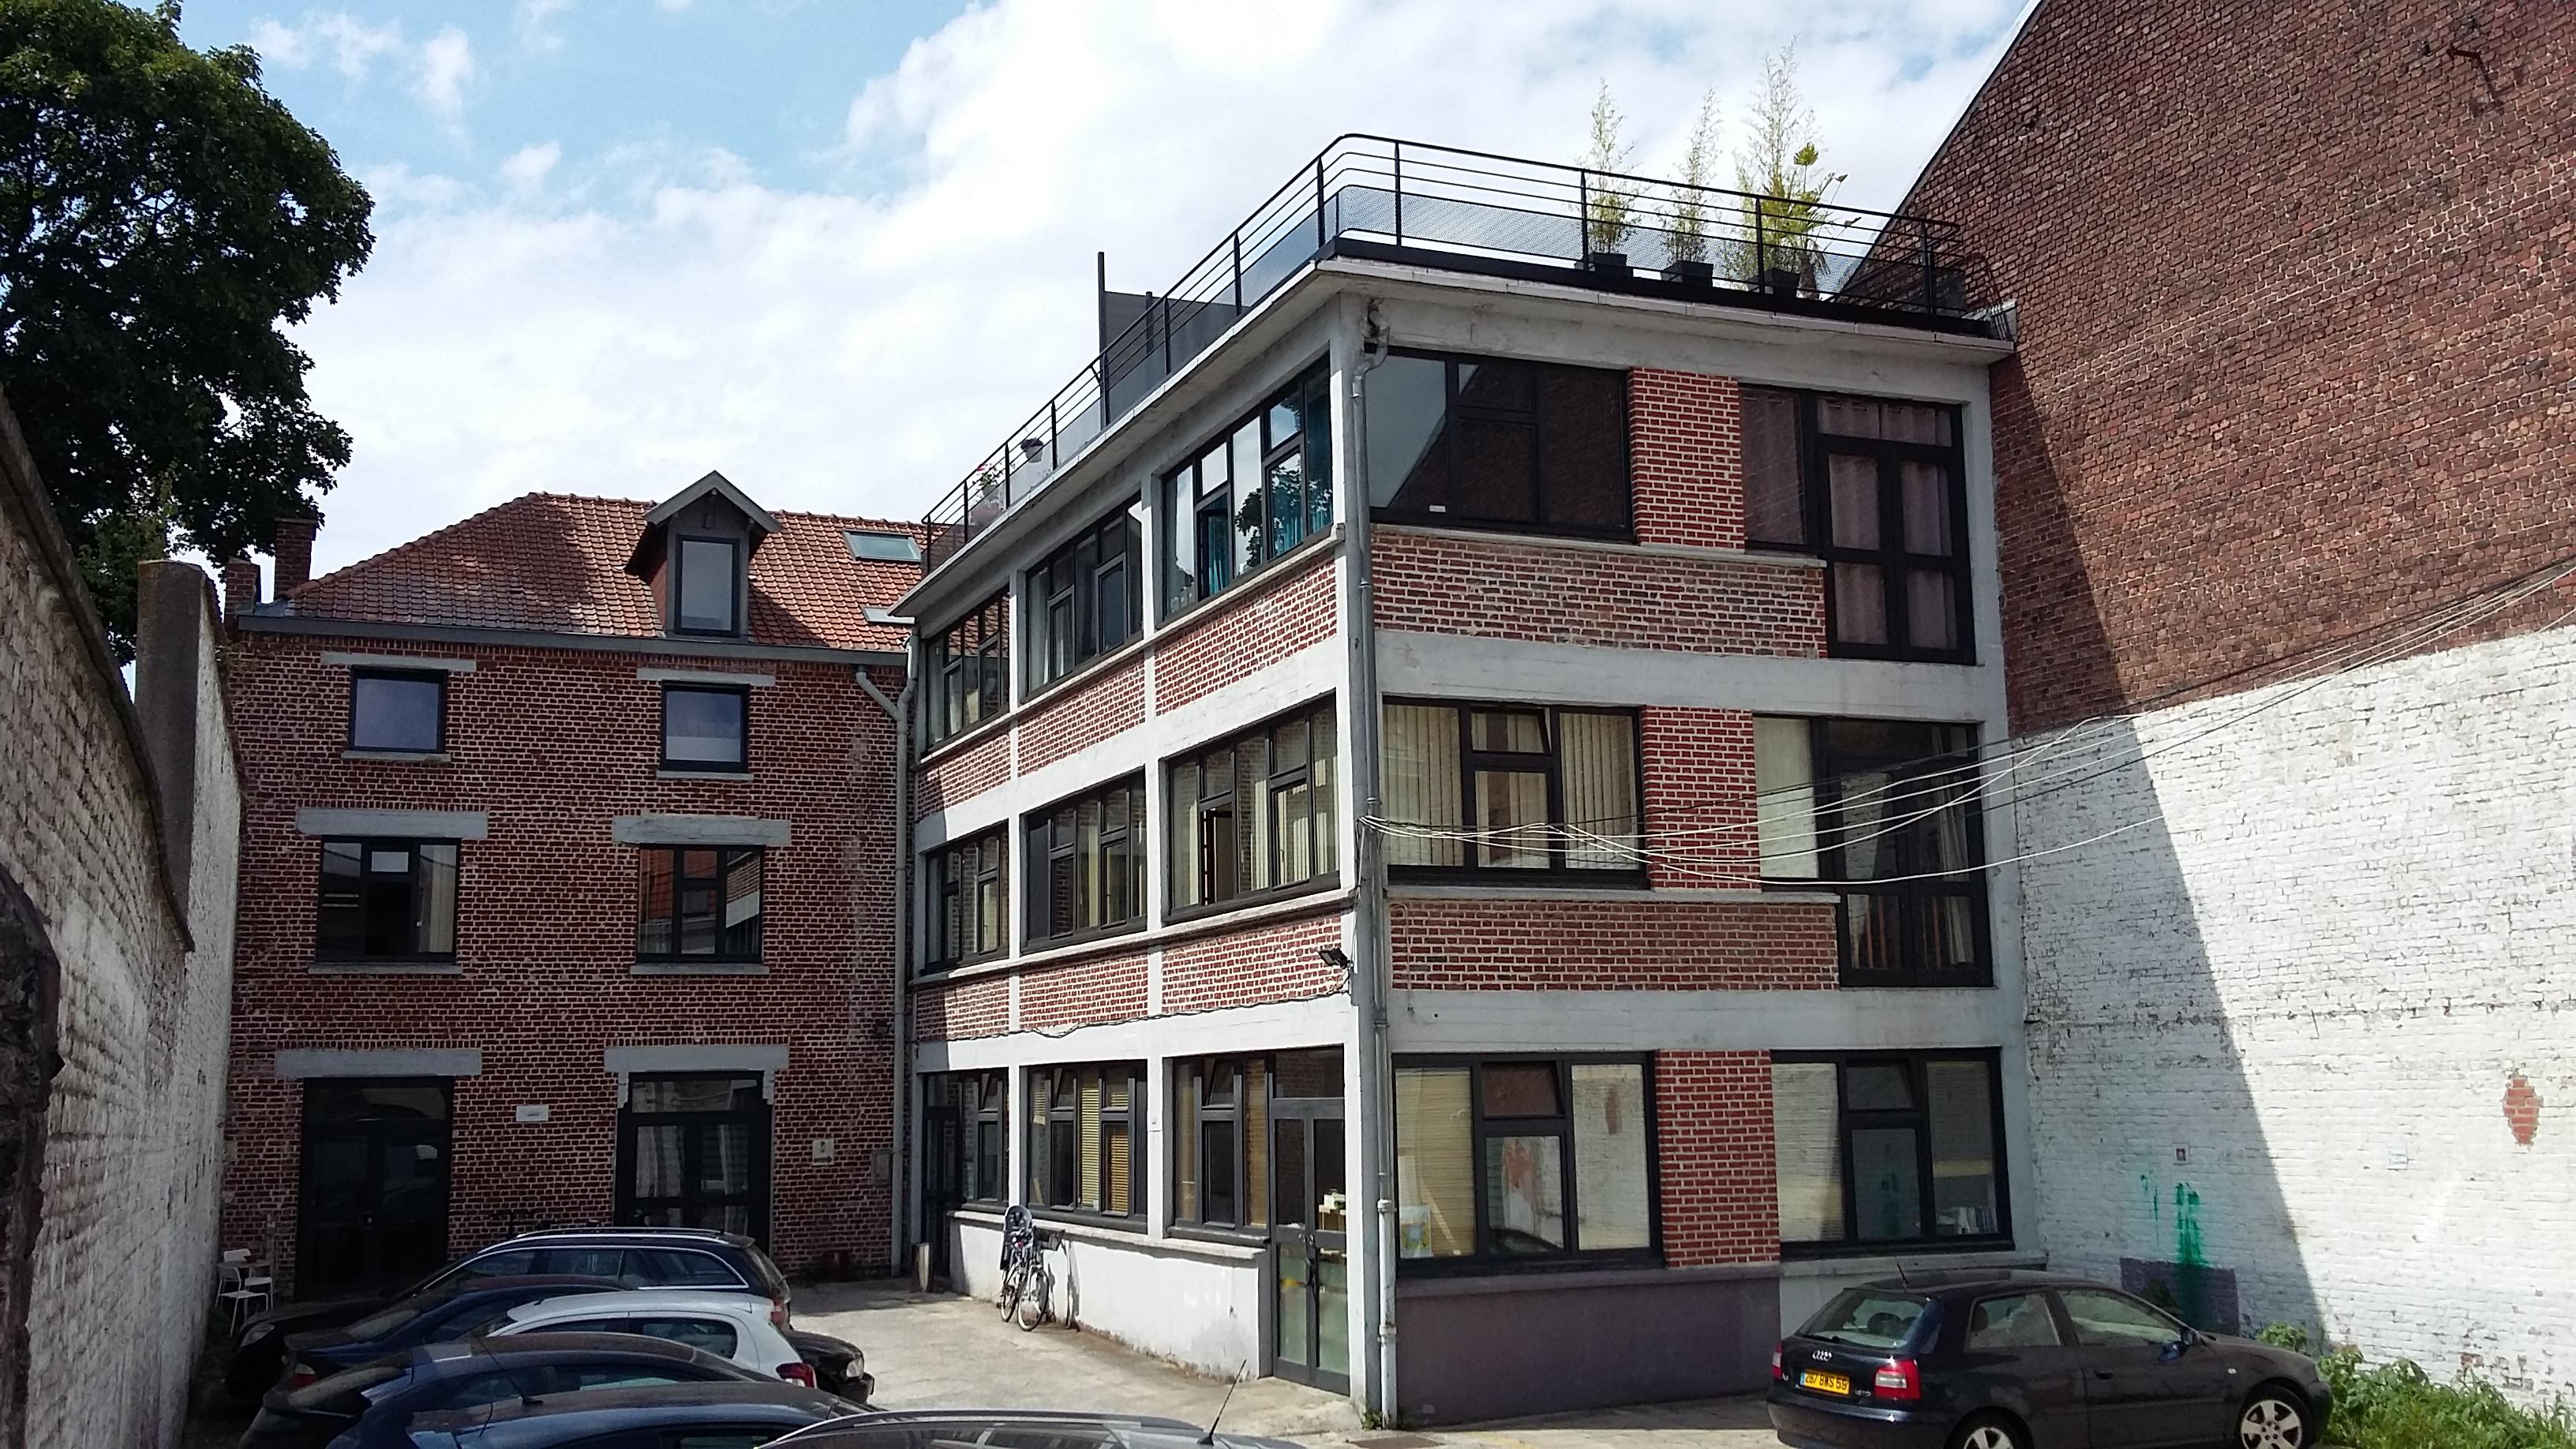 Plateau à vendre - 115 m2 - Jardin - Parking - Lille J.B. Lebas Image